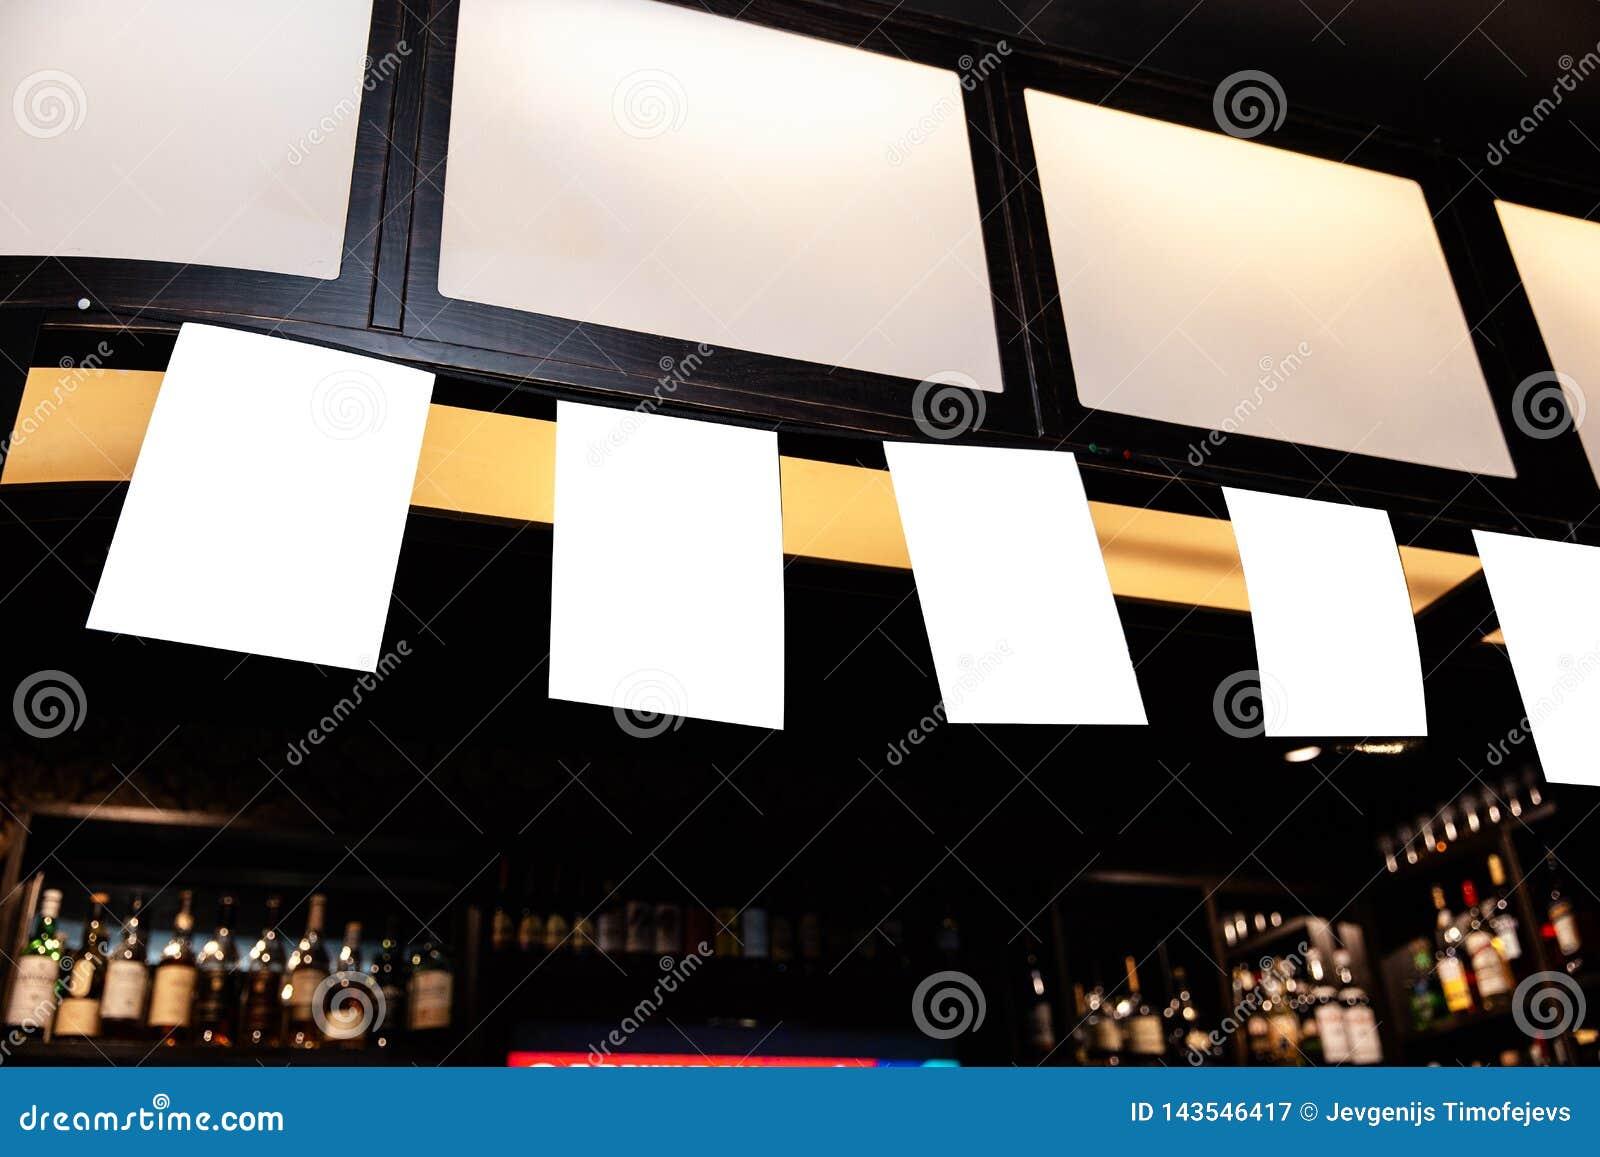 Mofa encima del marco en el fondo borroso de la barra - espacio vacío del anuncio del espacio en blanco para el anuncio